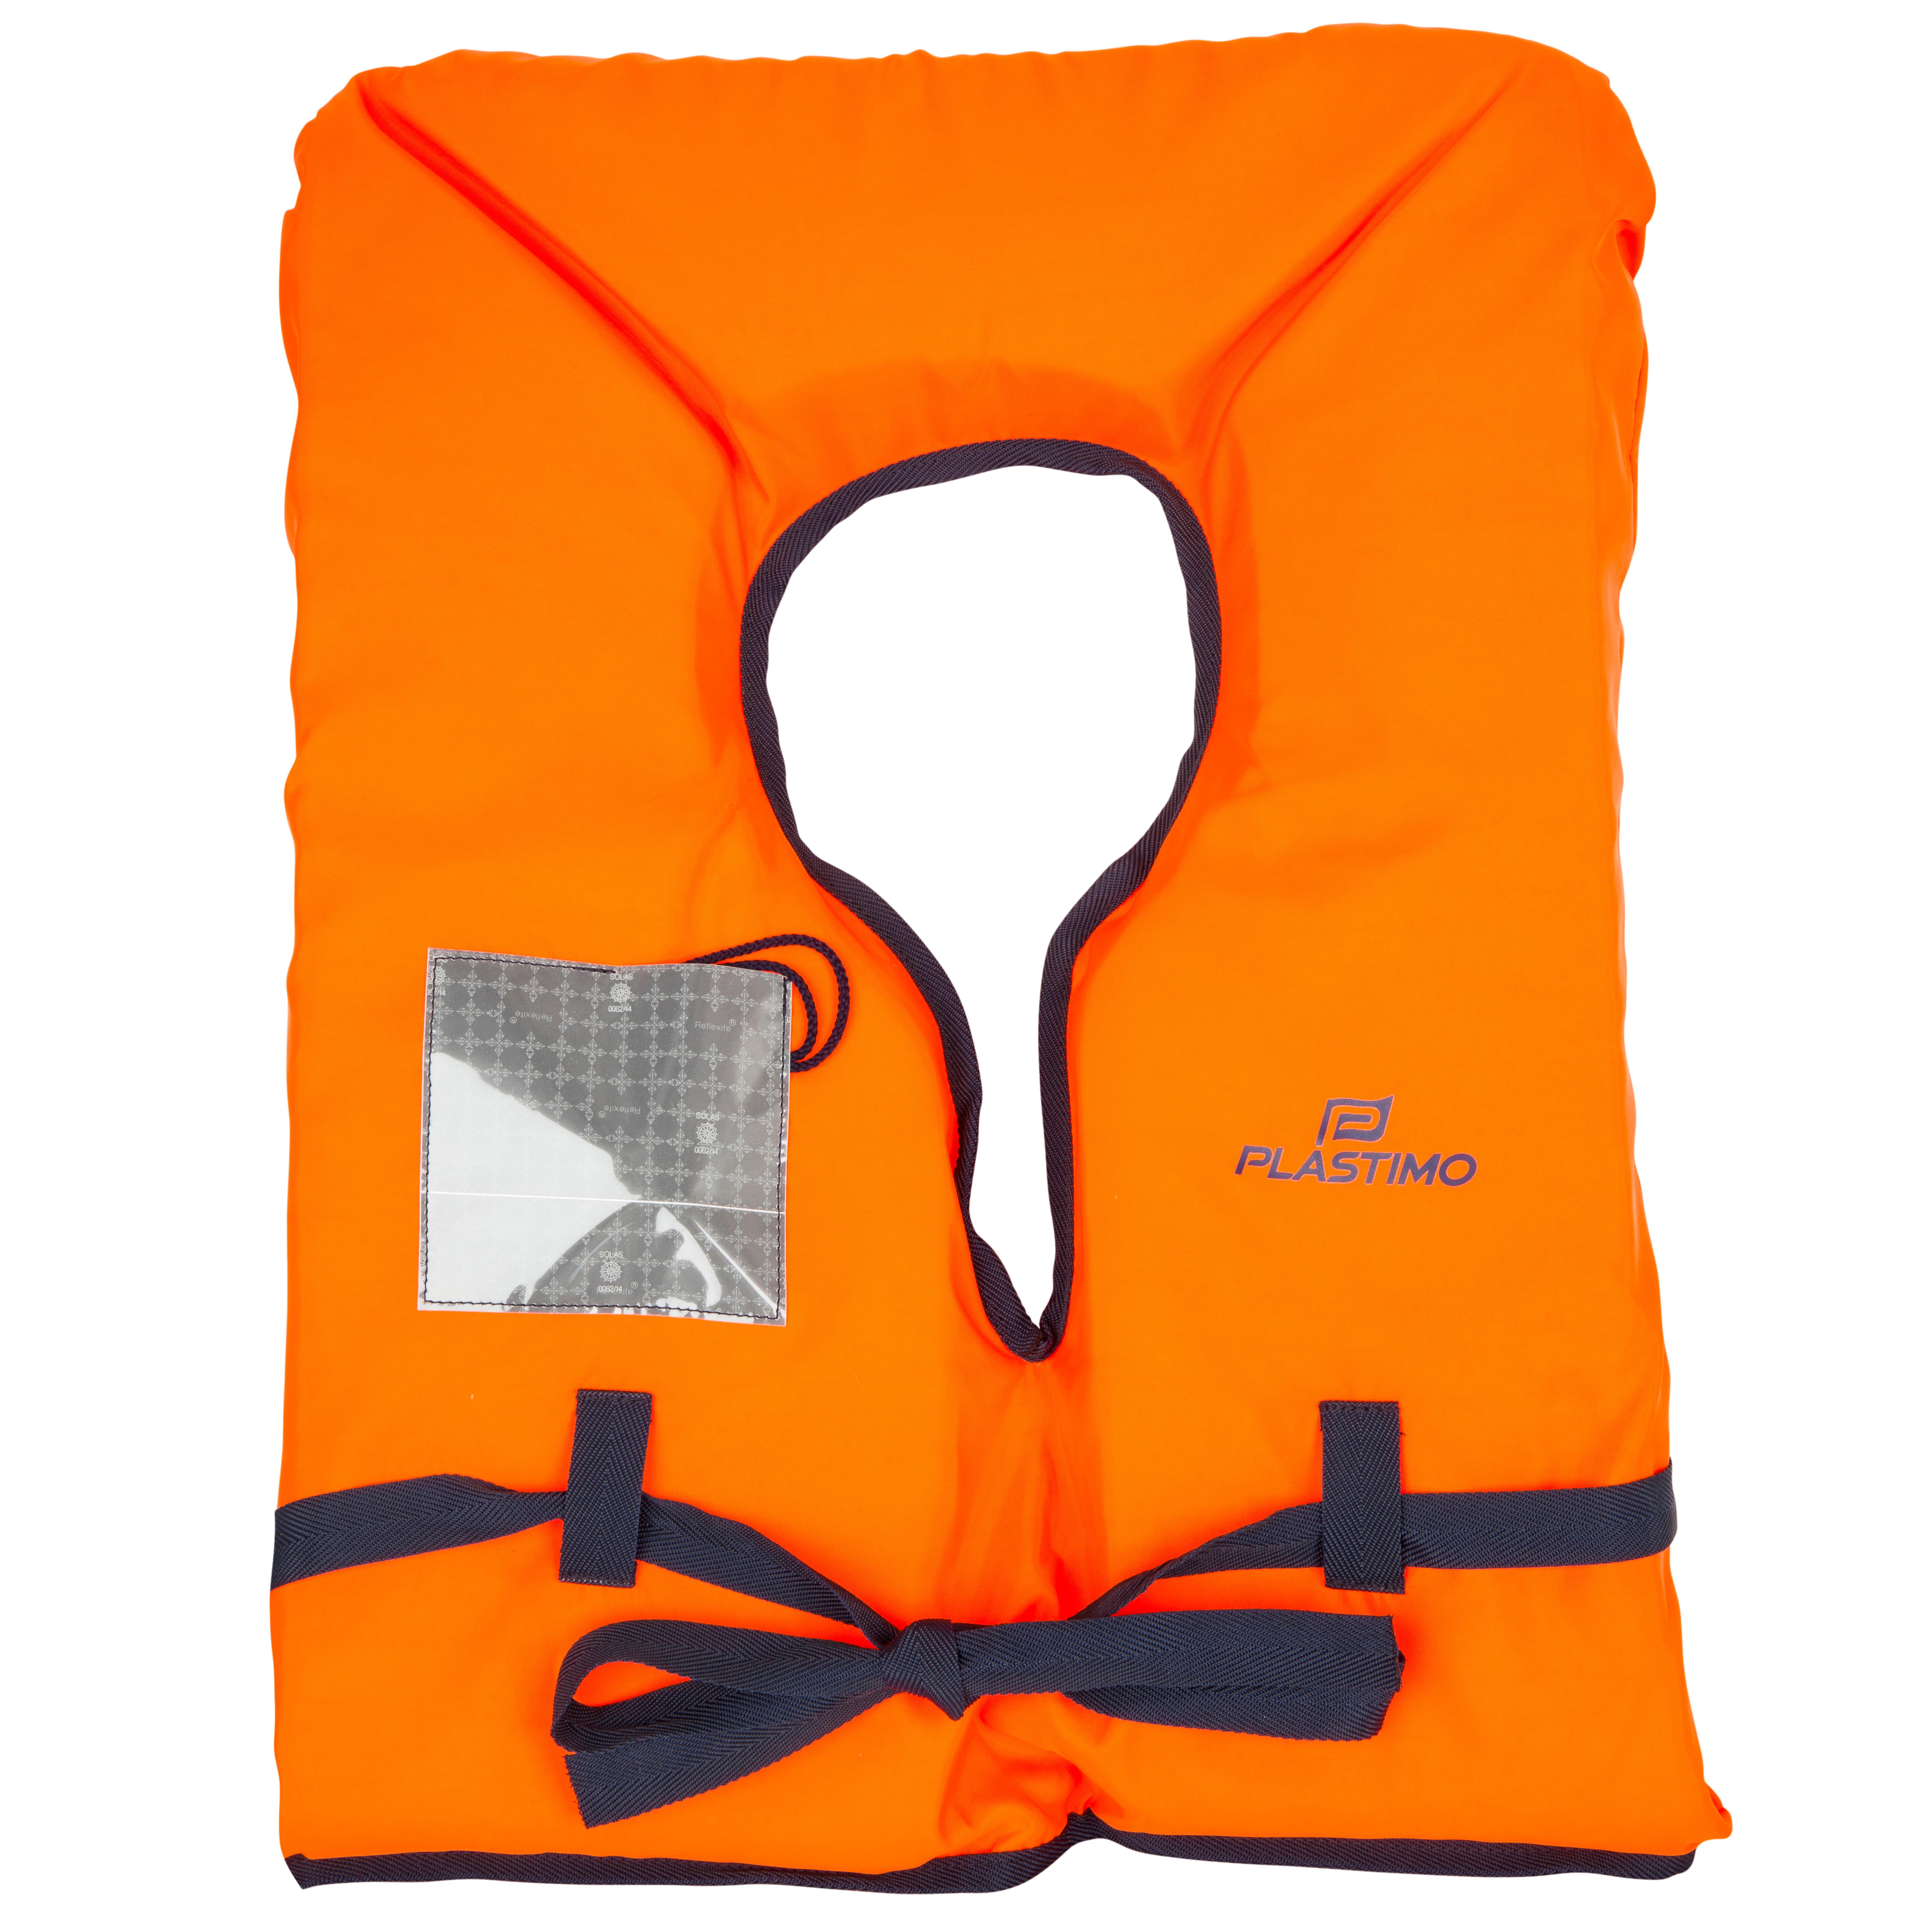 Rettungsweste Schaumstoff Storm 100N Erwachsene orange | Sportbekleidung > Sportwesten > Funktionswesten | Orange | Plastimo